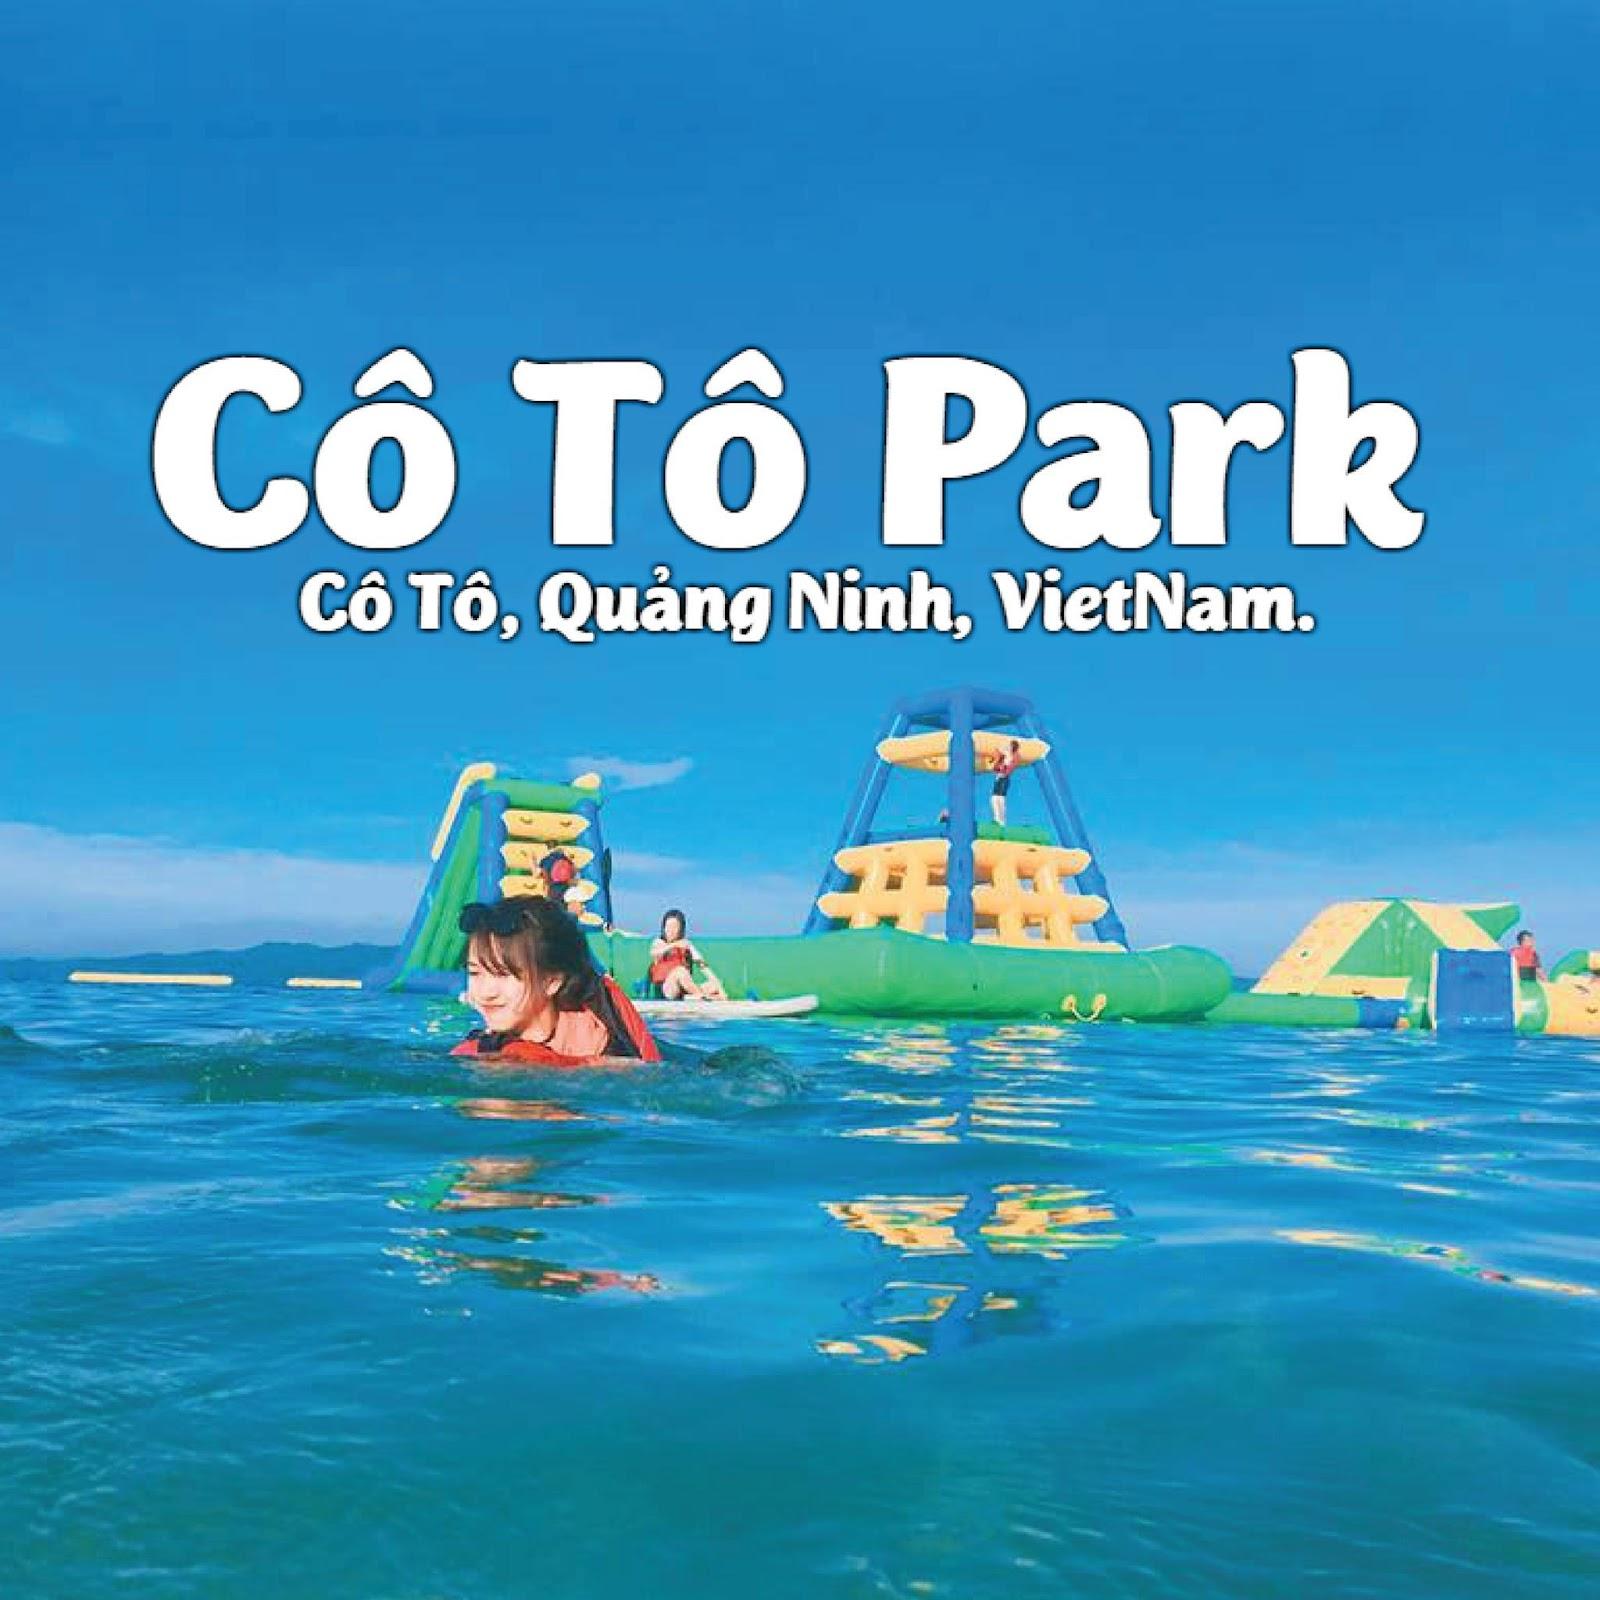 Điểm mặt những địa điểm nghỉ dưỡng tuyệt vời cho tour Cô Tô 3 ngày 2 đêm